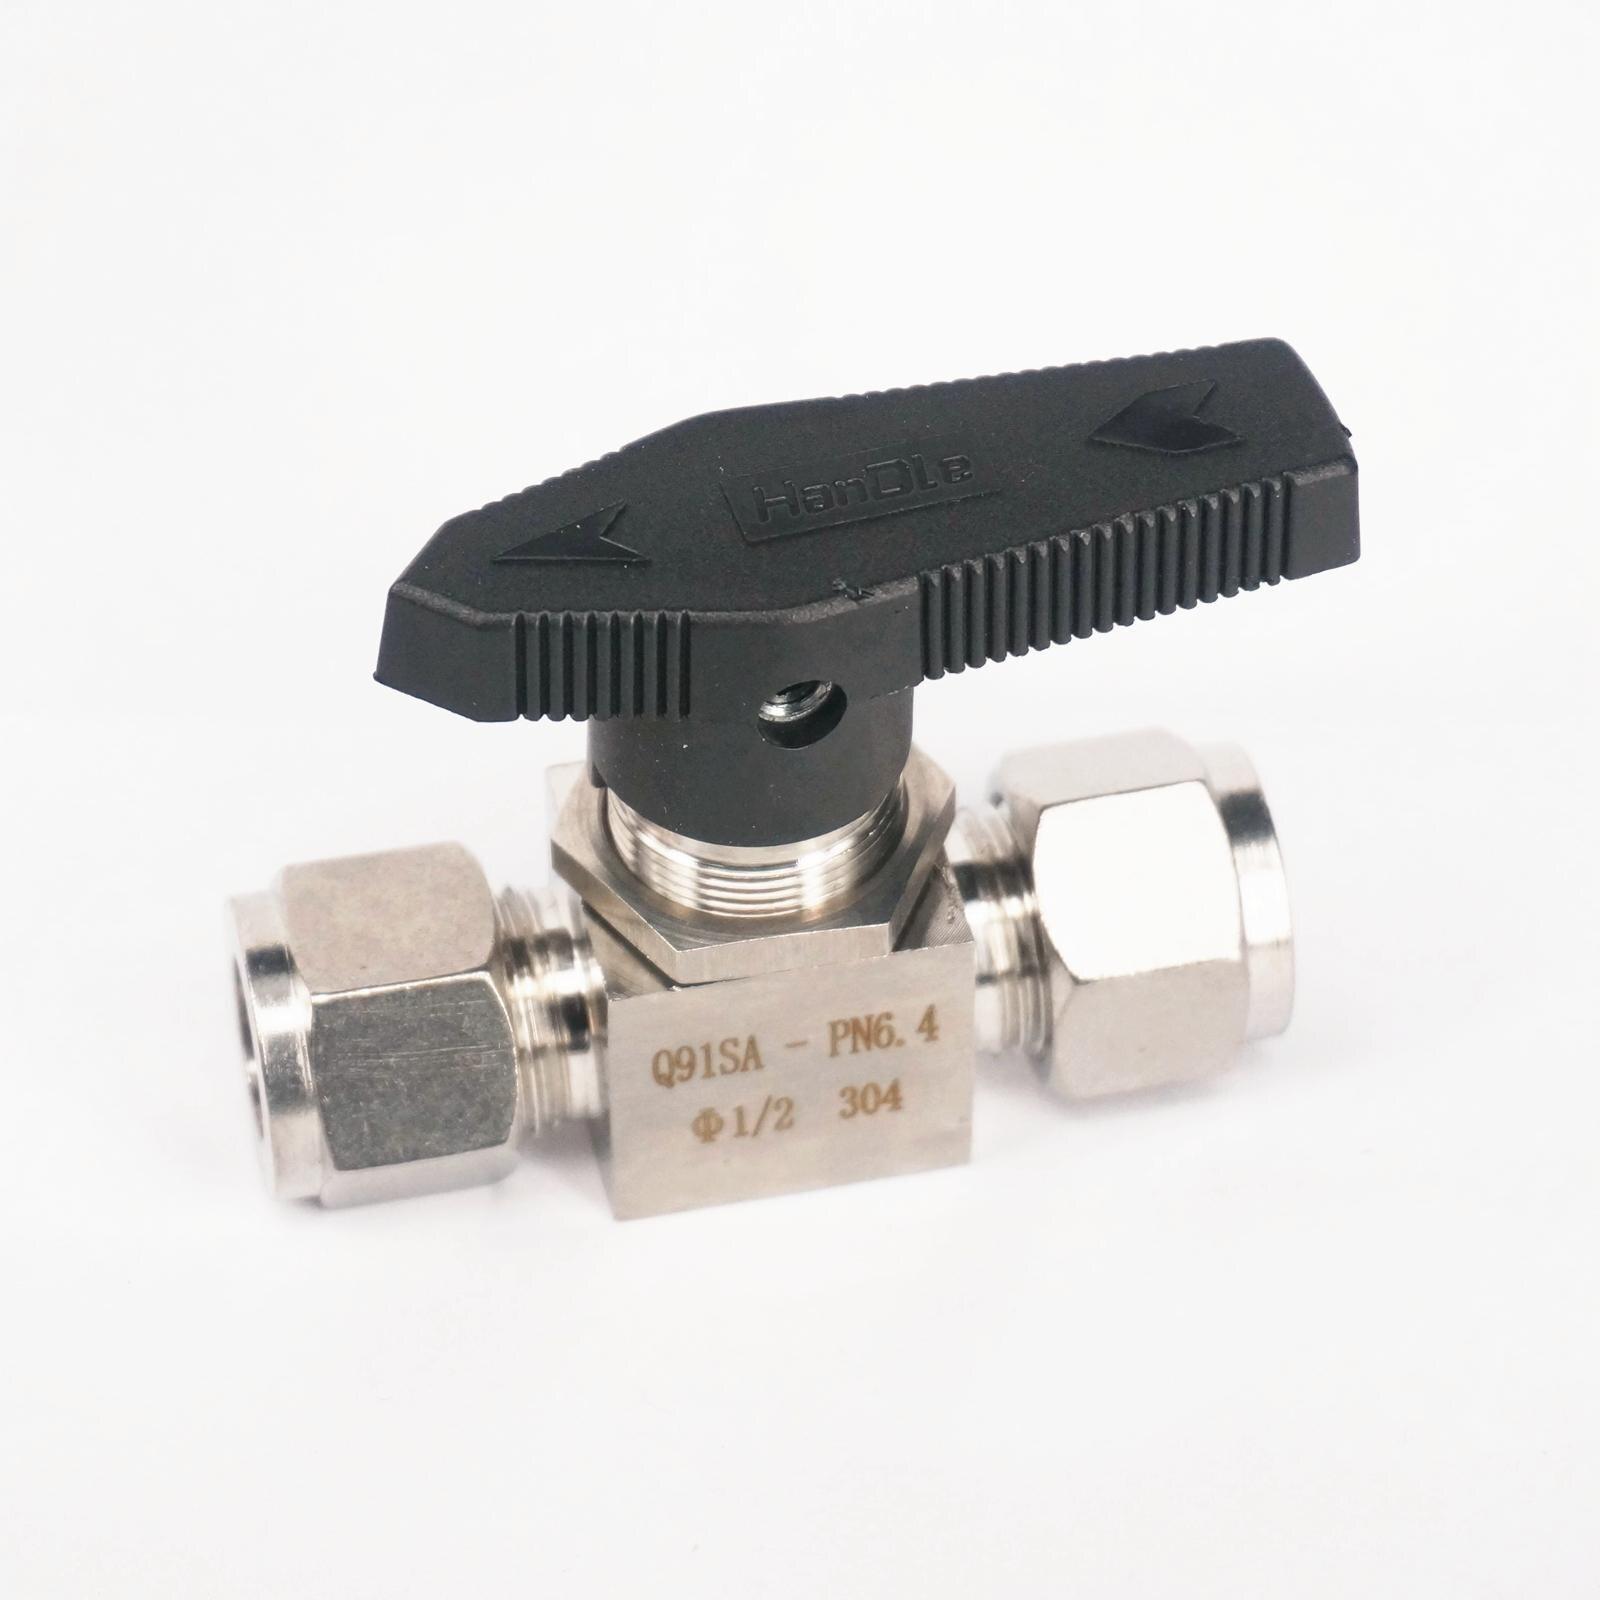 """304 нержавеющая сталь Компрессионный фитинг запорный шаровой клапан 915 PSI Q91SA PN 6,4 подходит для 1/2 """"дюймов O/D трубки"""